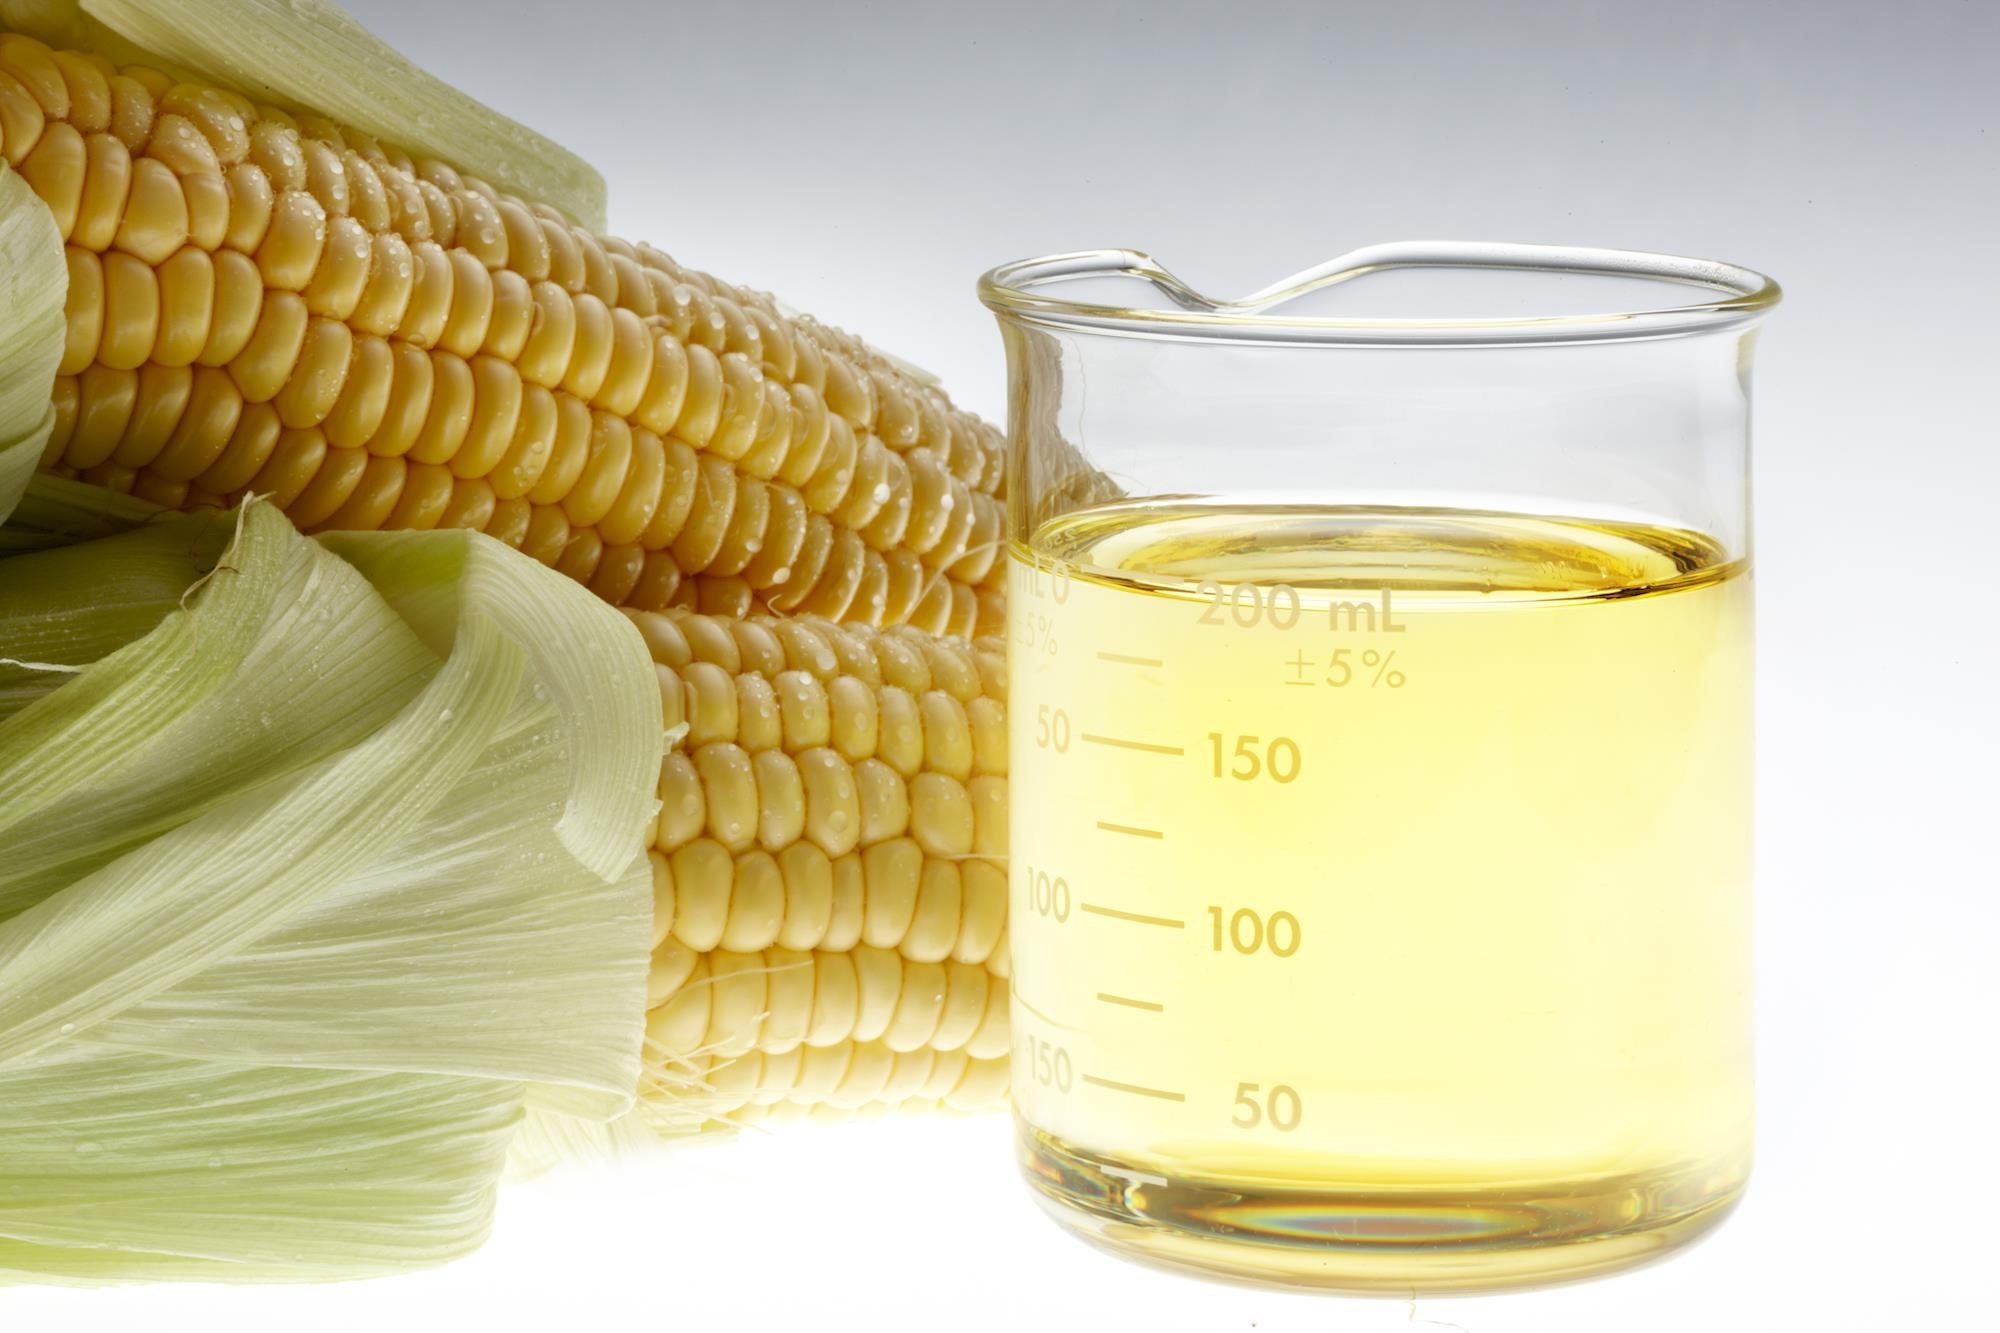 FS Bioenergia anuncia implantação de sua segunda usina de etanol de milho